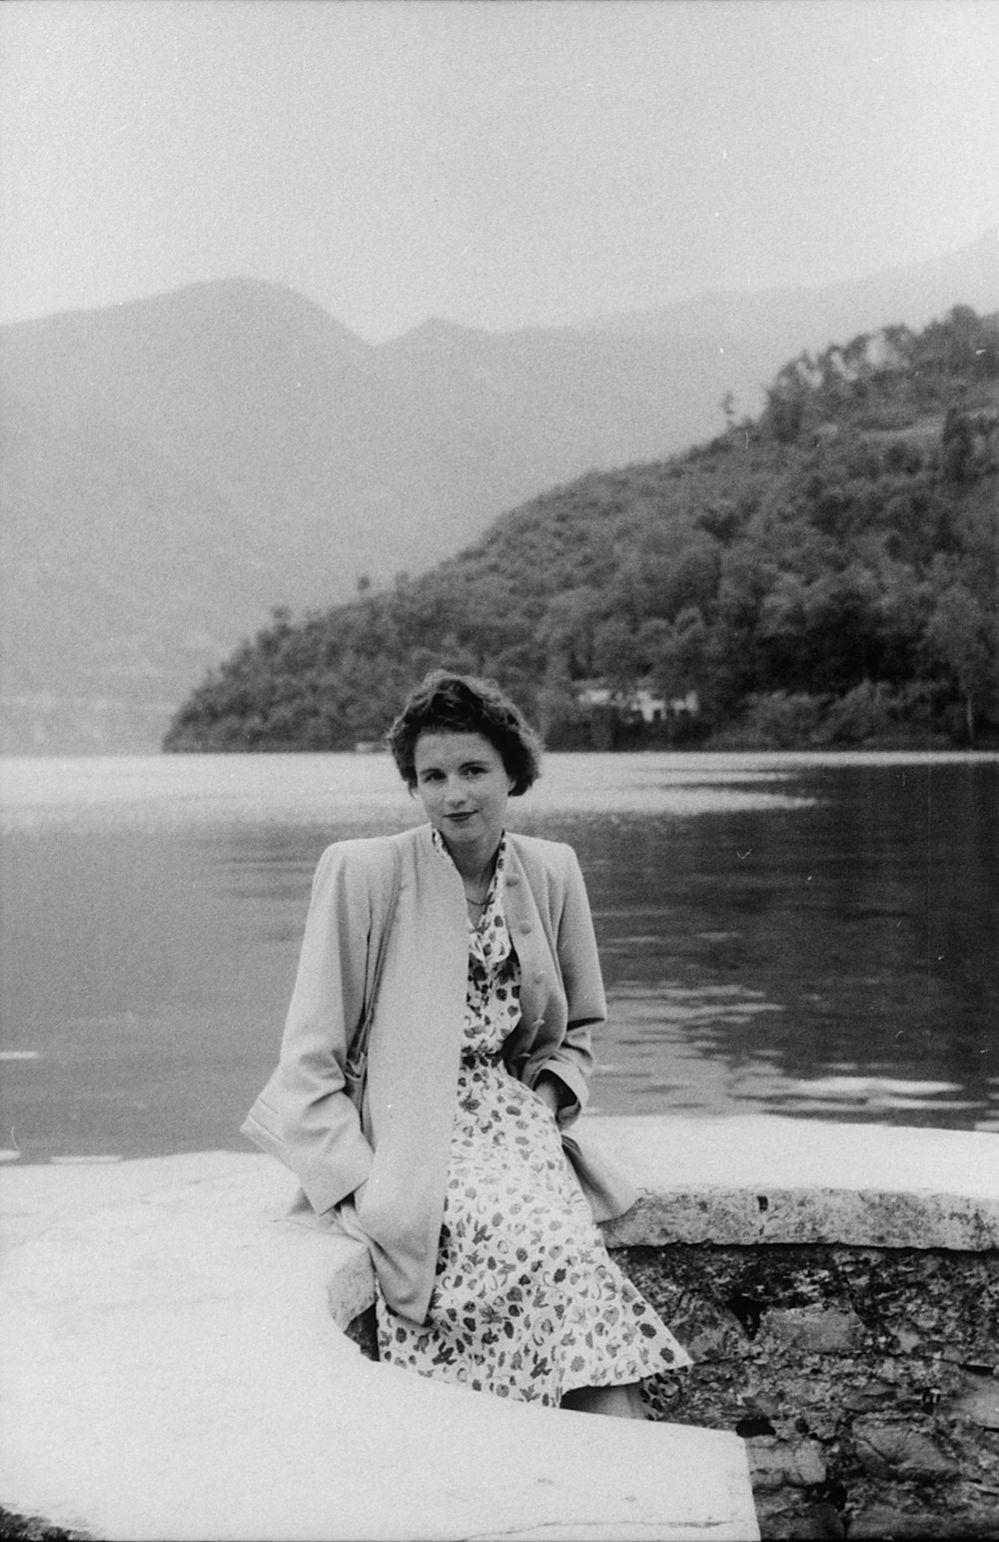 Woman beside a lake